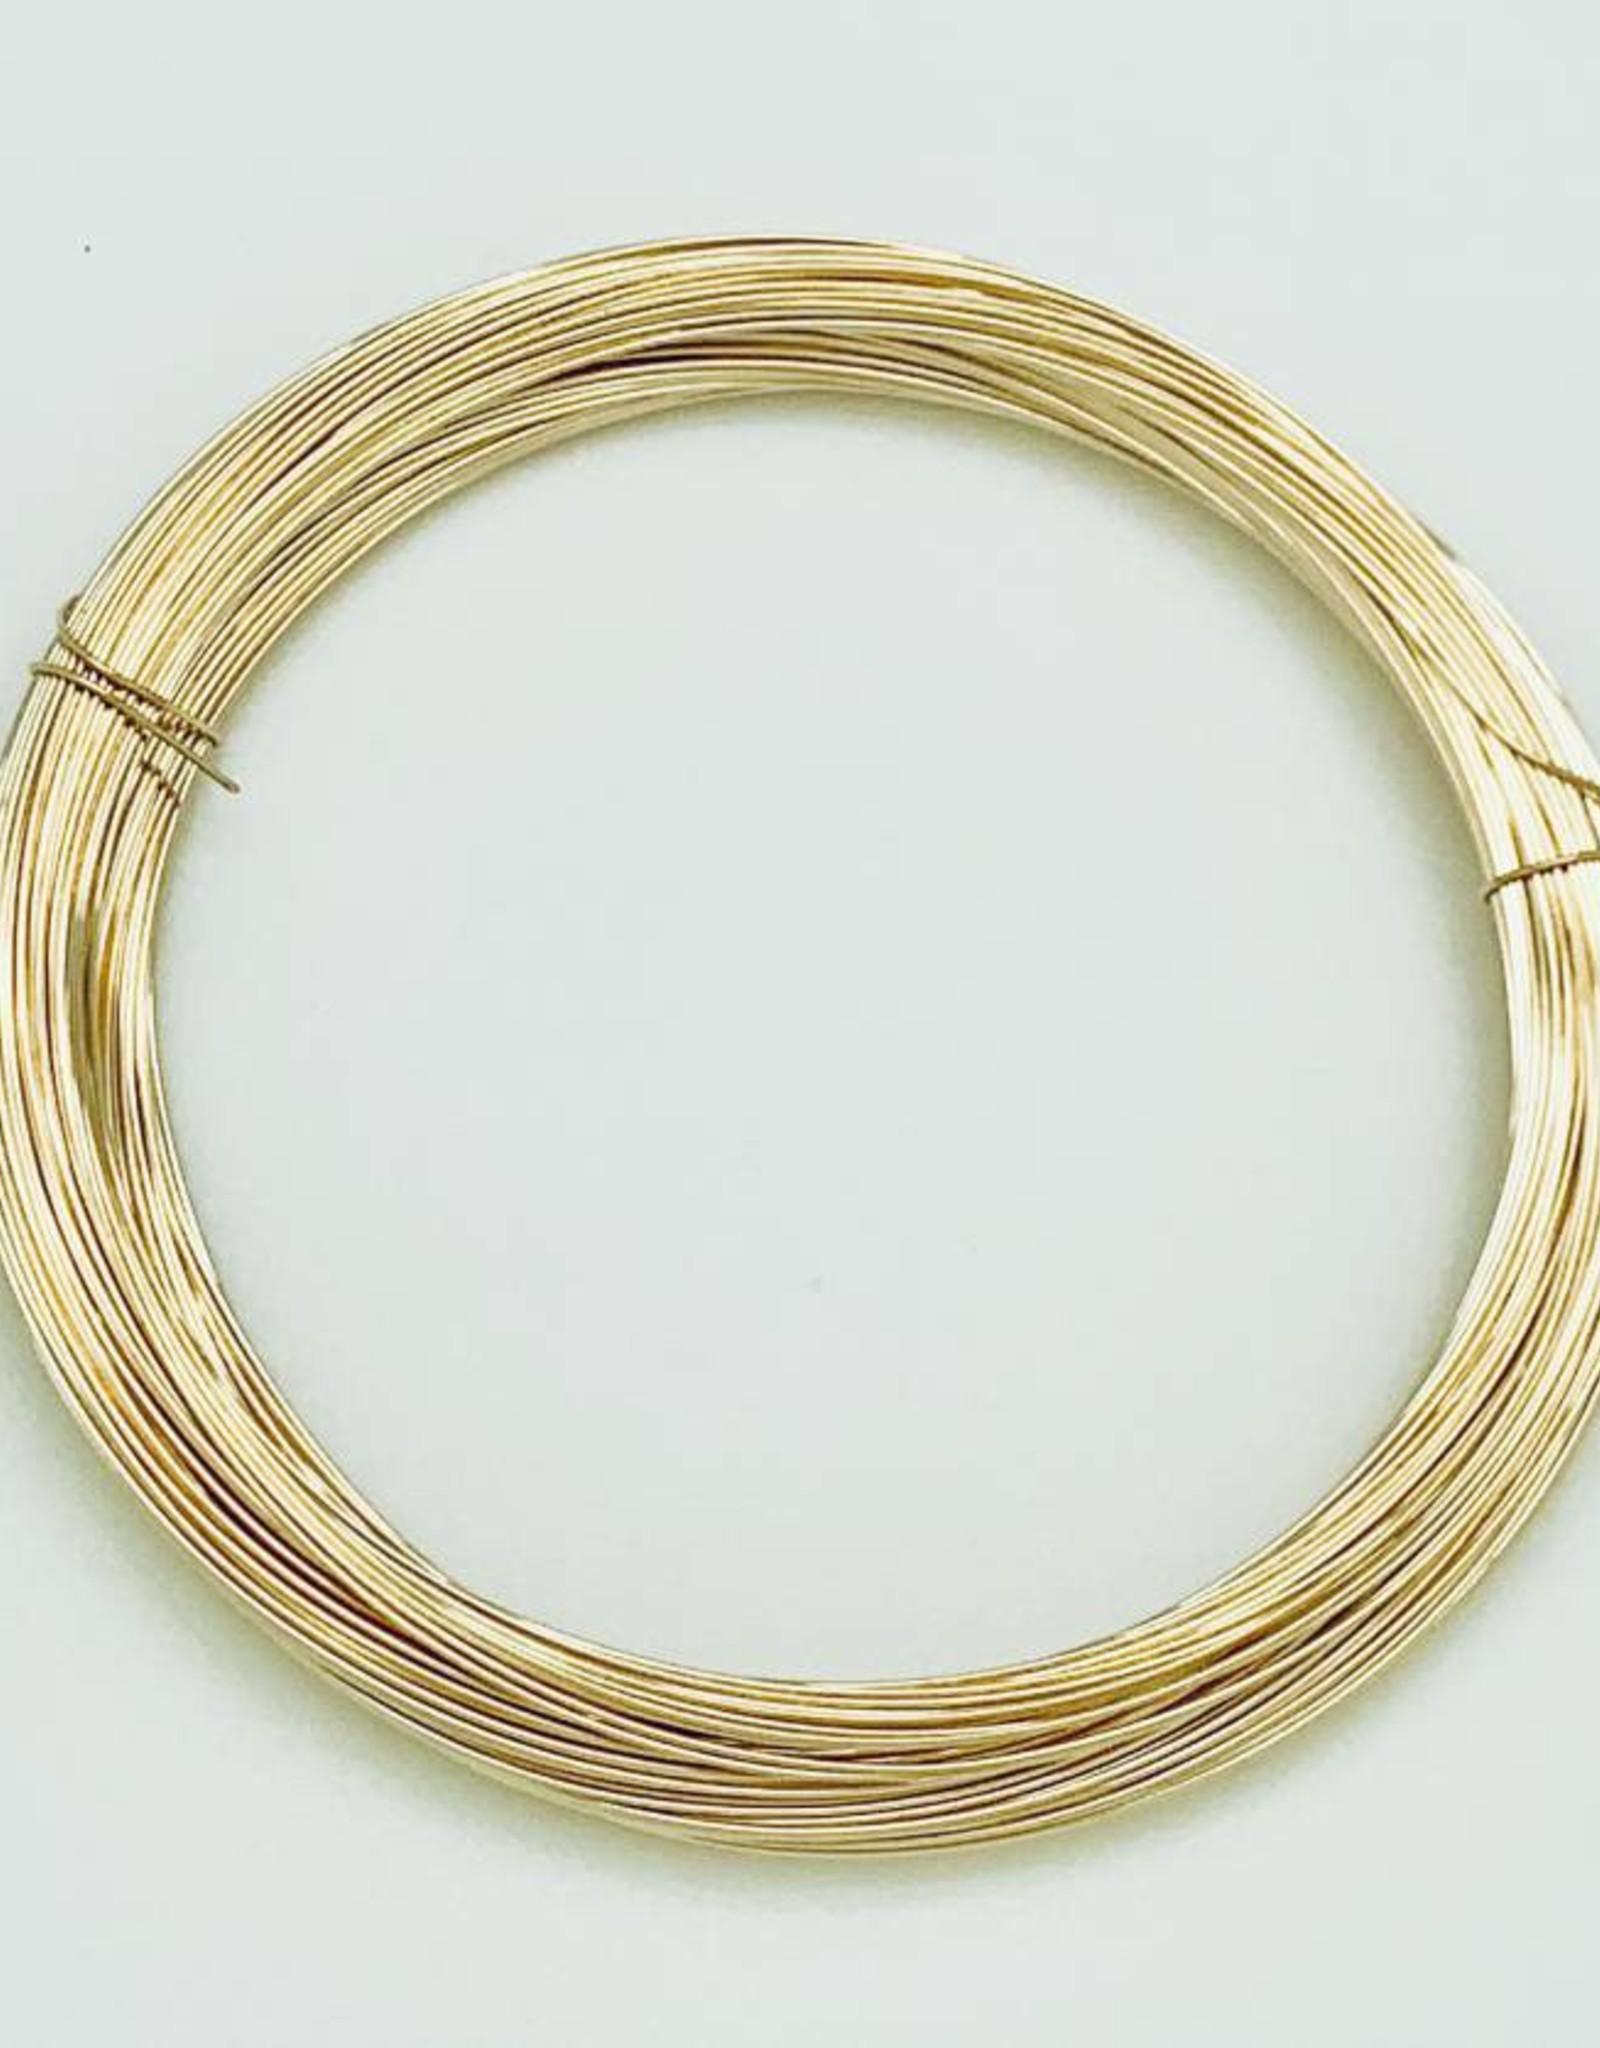 26ga Gold Filled Round Wire 1 oz